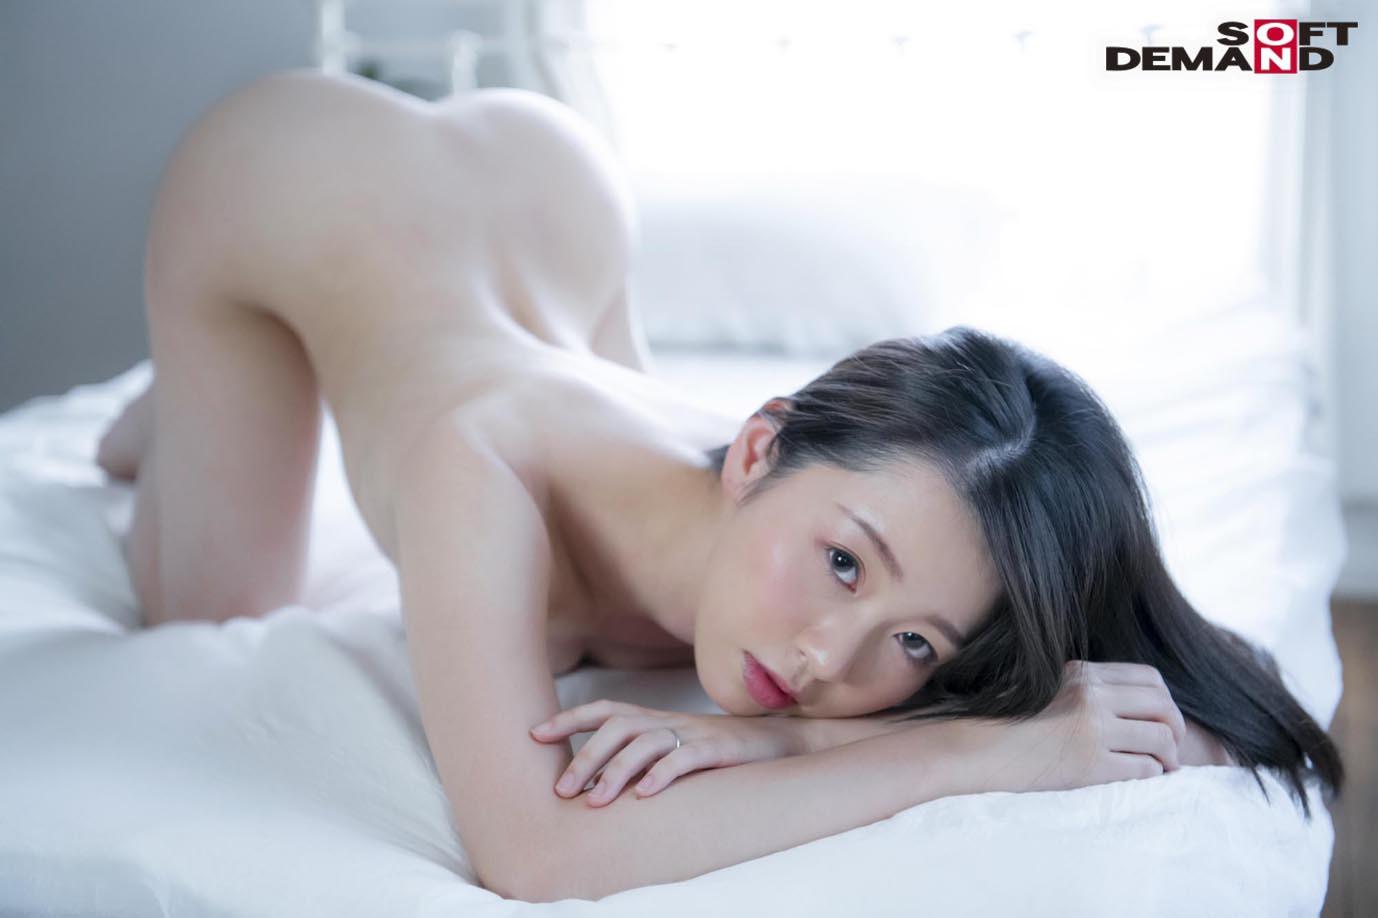 お爺ちゃんお婆ちゃんが大好きで介護士になったニコニコ奥さん 坂井千晴 29歳 AV DEBUT,のサンプル画像2